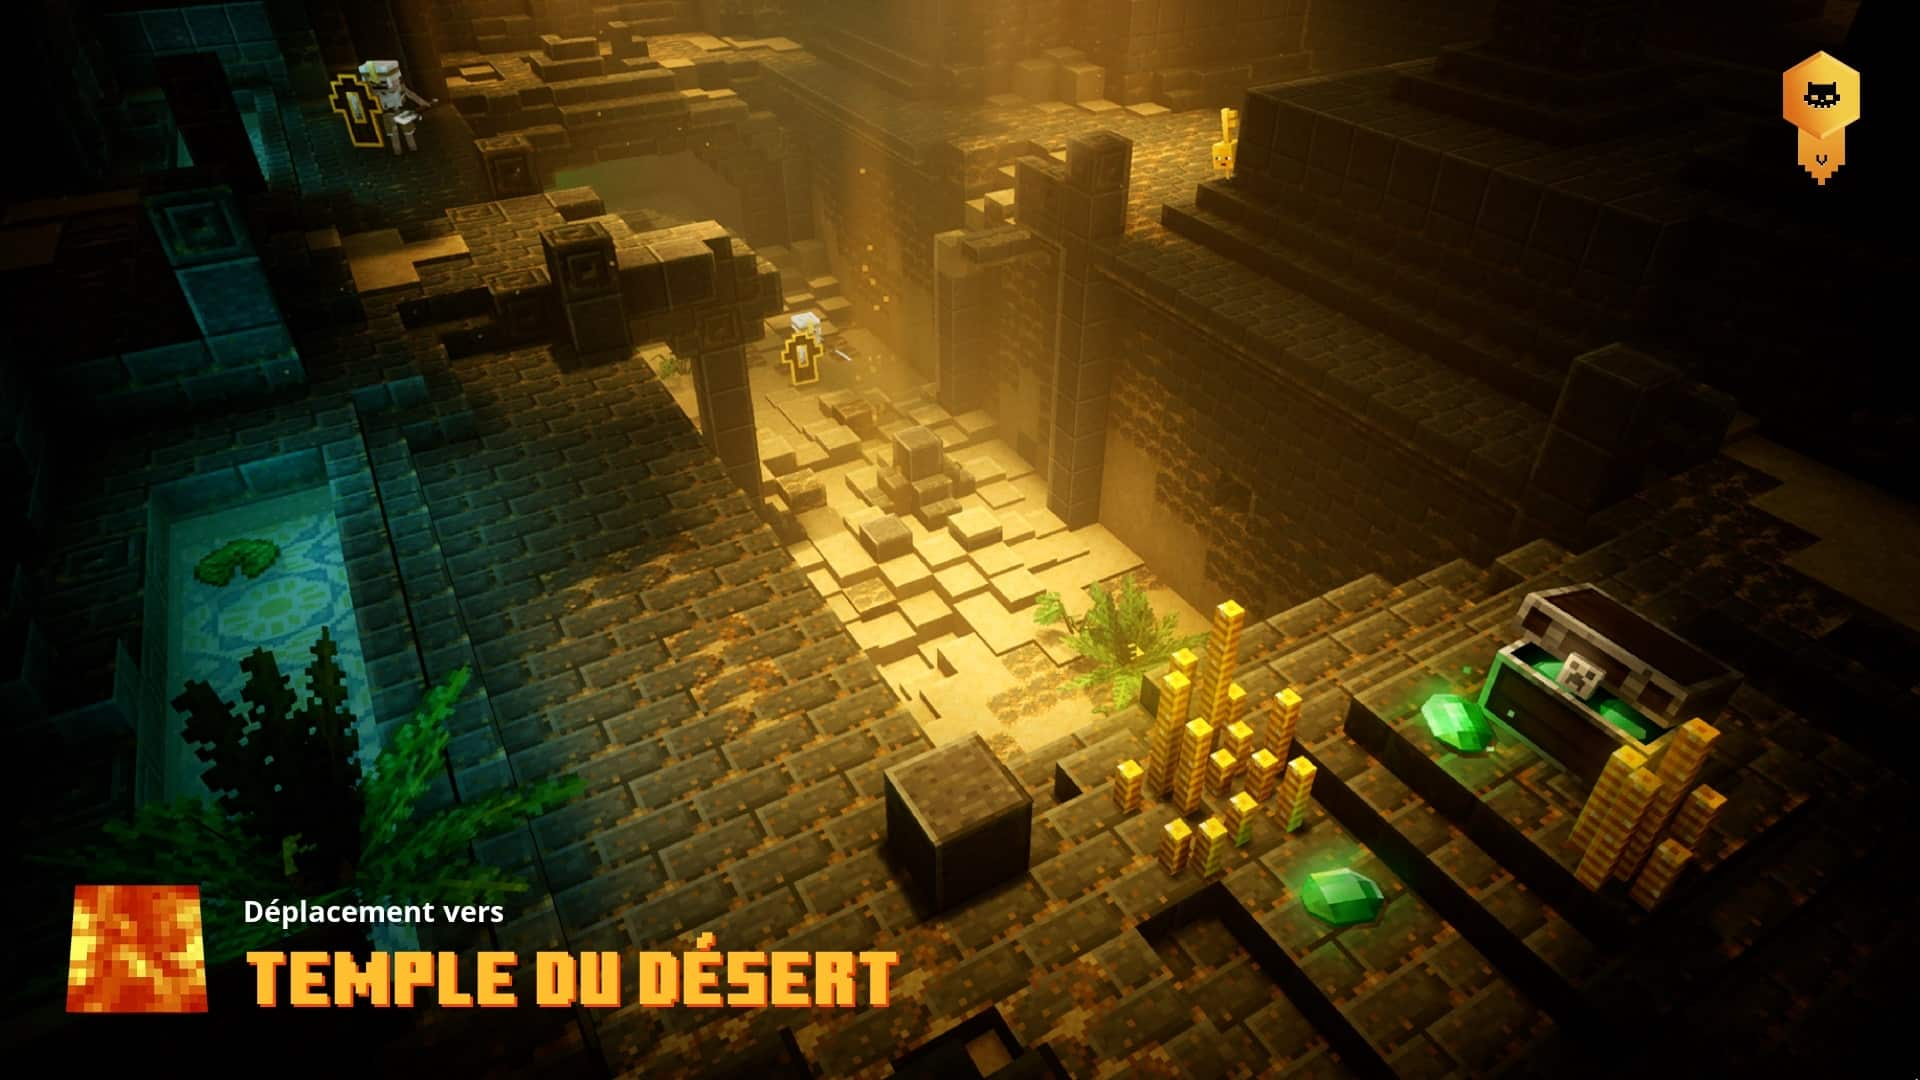 minecraft-dungeons-temple-du-desert-zone-a-farm-pour-se-build-efficacement